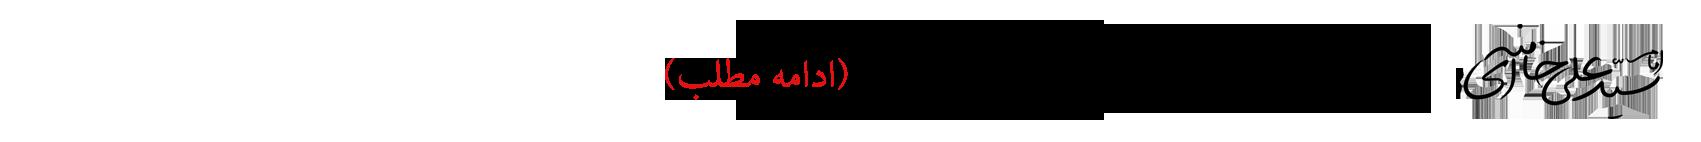 بیانات قرآنی امام خامنه ای